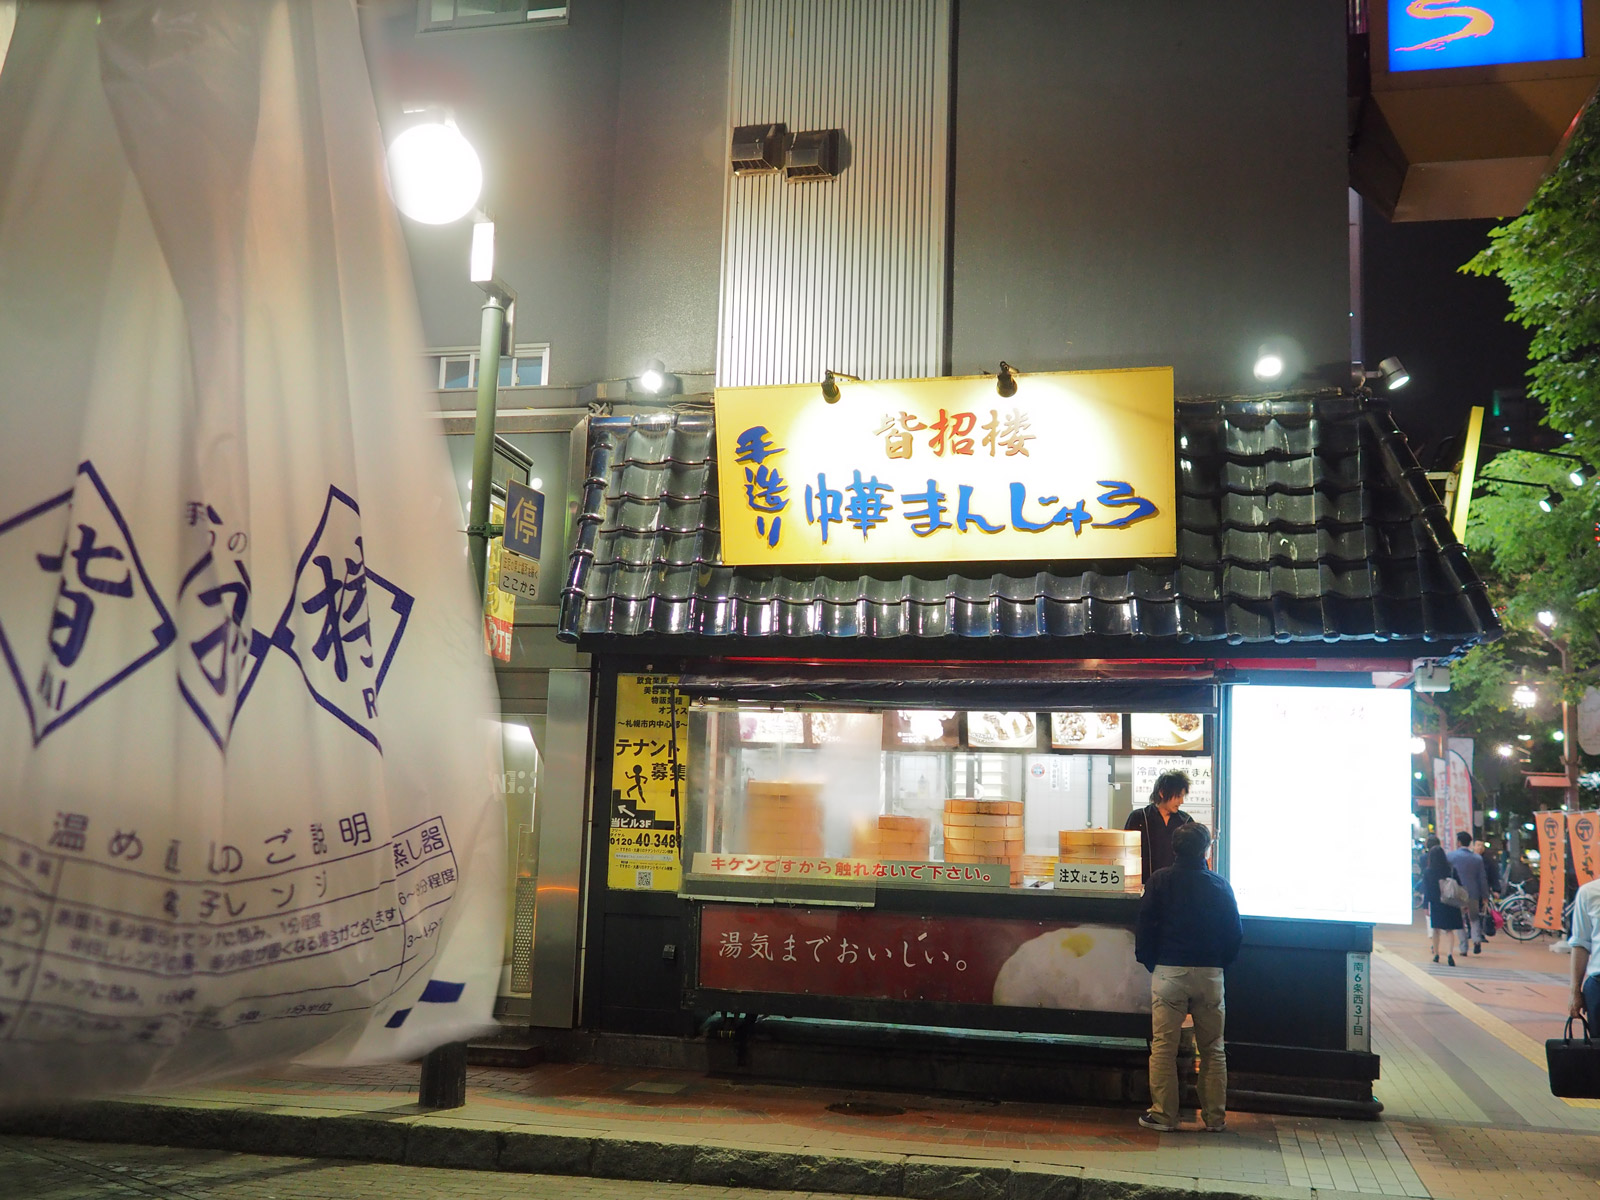 札幌出張_a0271402_1951999.jpg